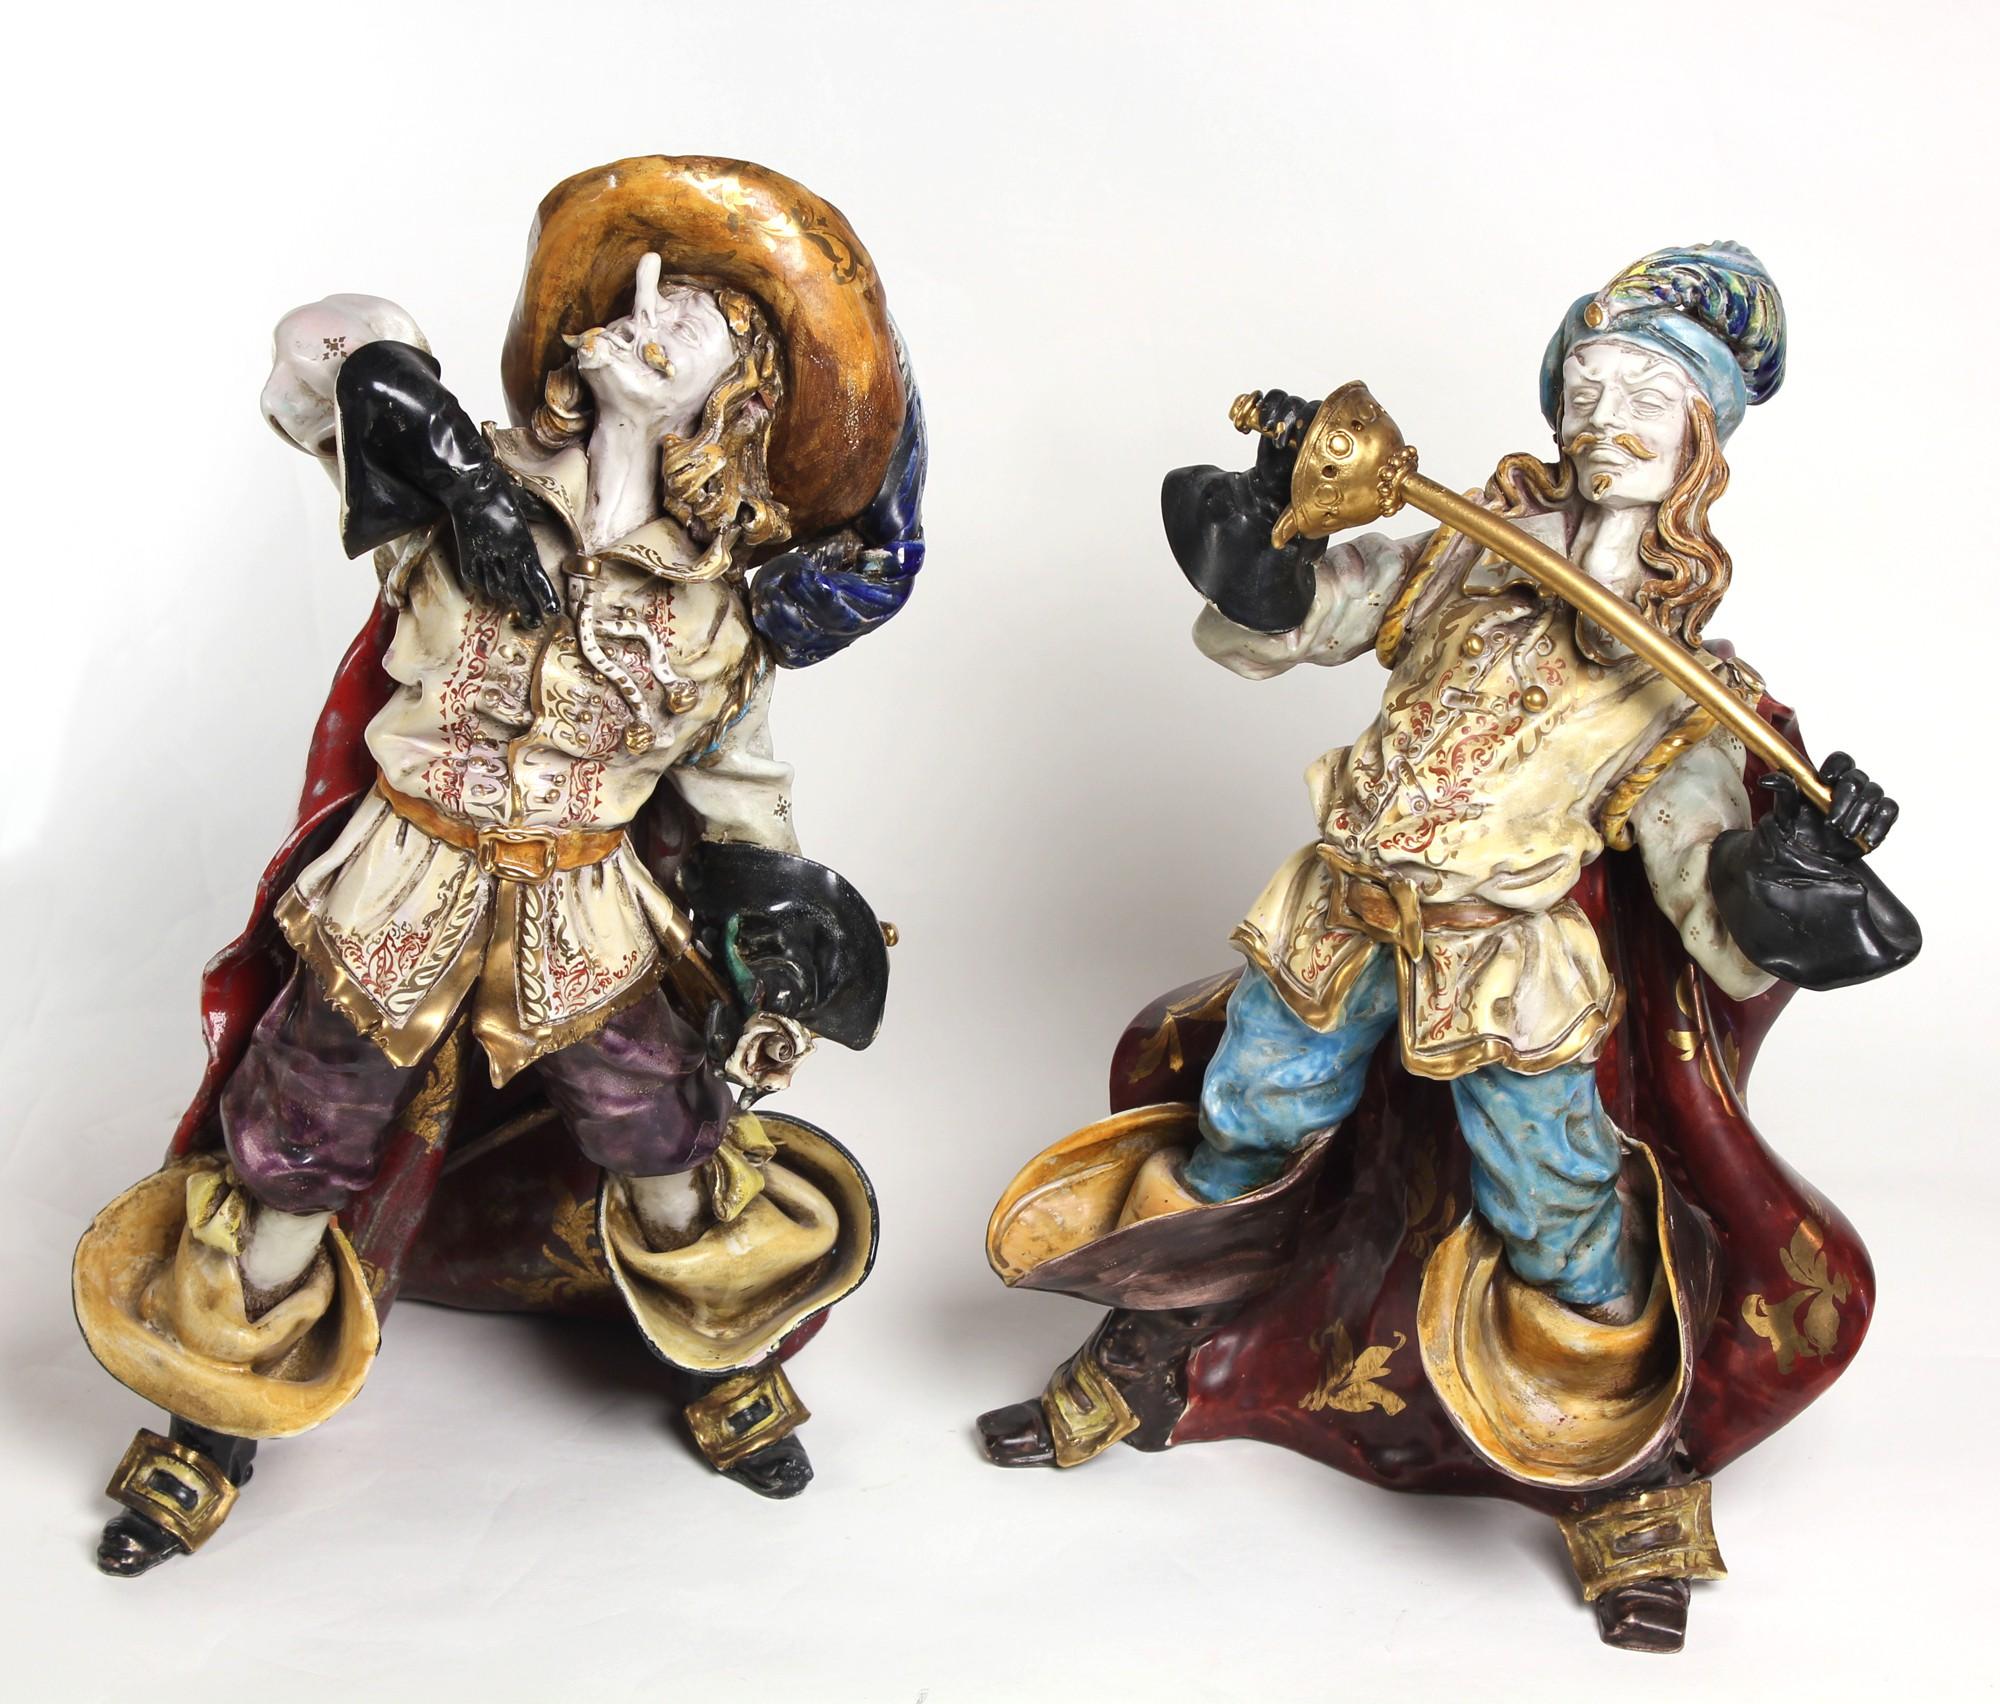 Парные жаноровые скульптуры Савиньен Сирано Де Бержерак и Д'Артаньян